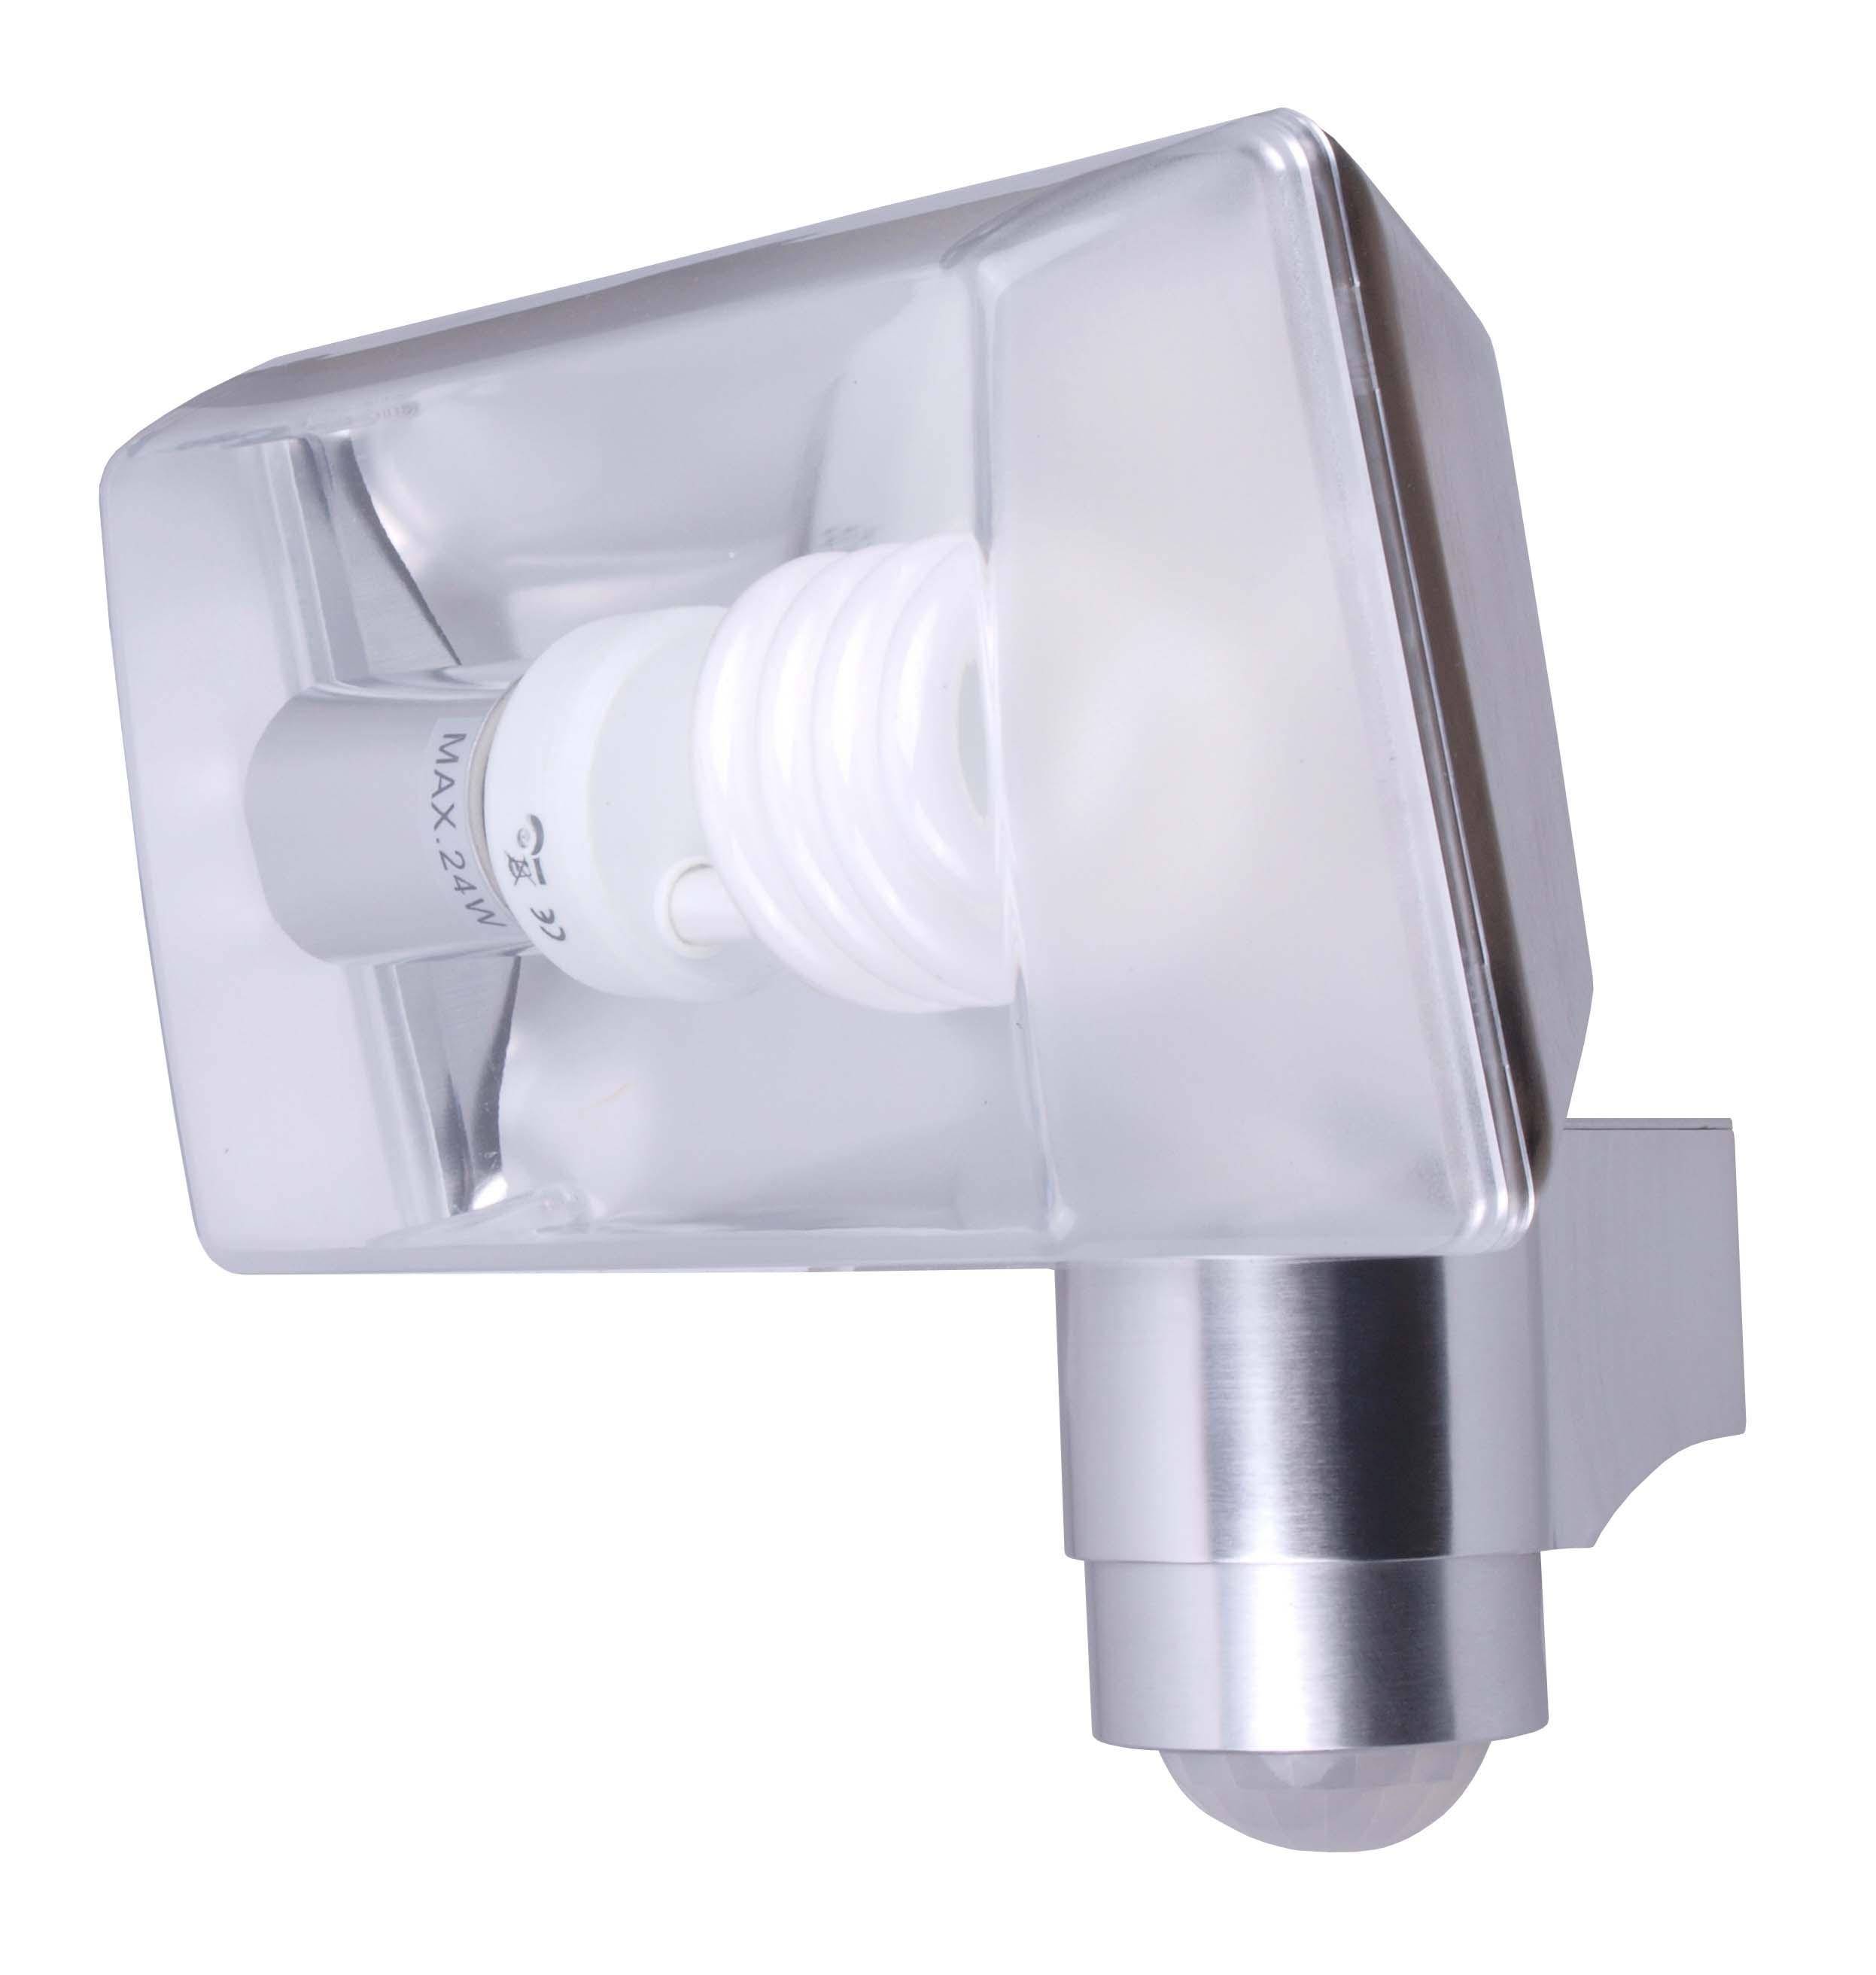 红外感应泛光灯 AR0009